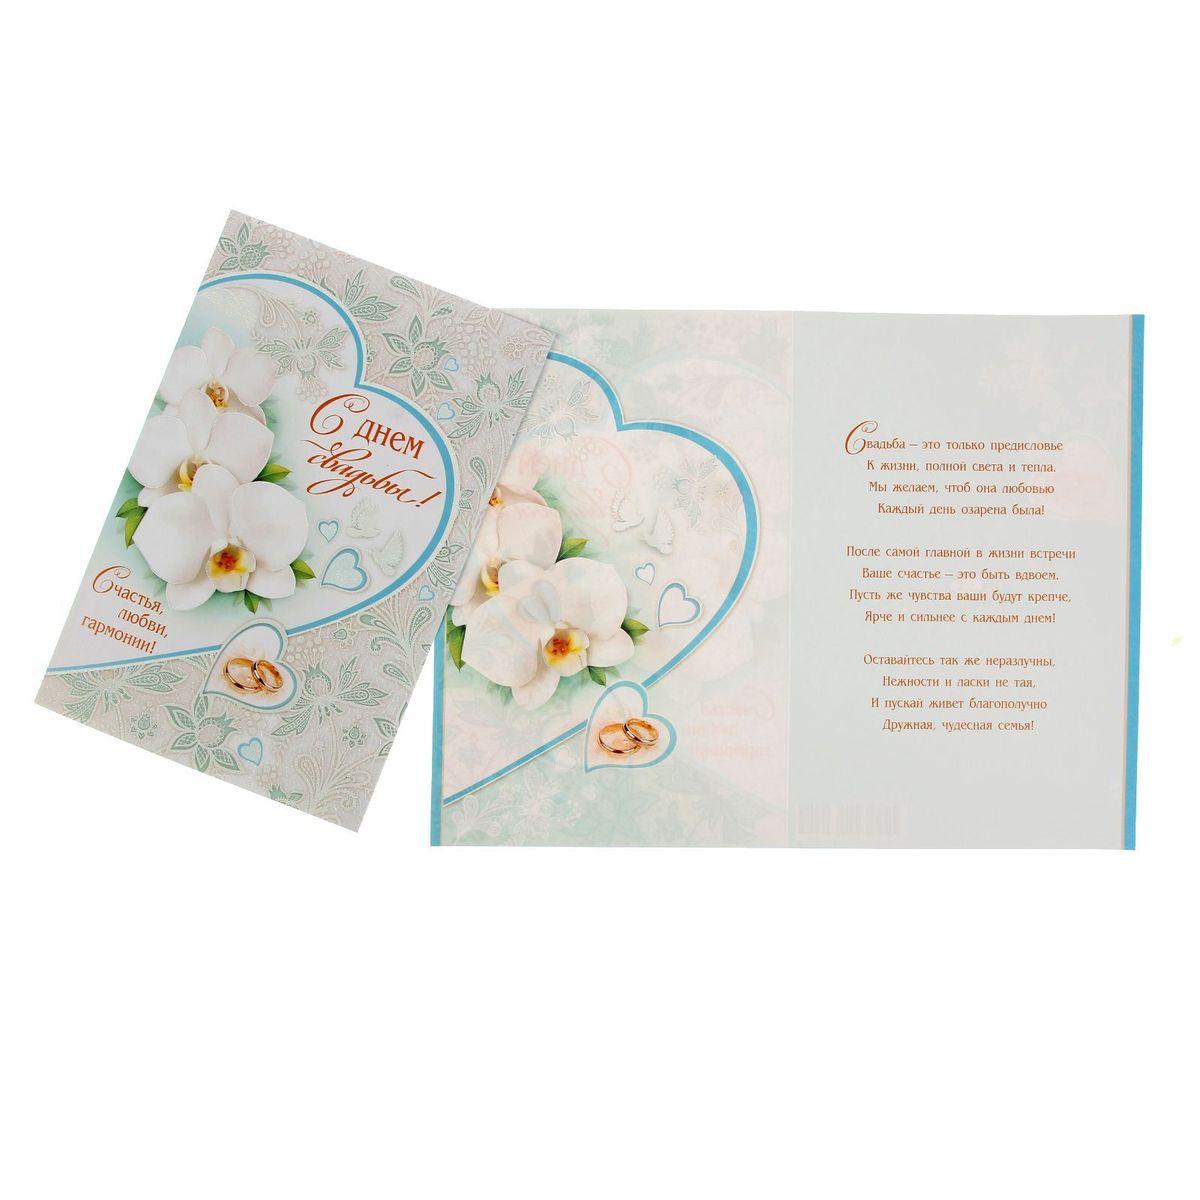 Открытка Мир открыток С Днем свадьбы! Белые цветы1247855Если вы хотите порадовать себя или близких, создать праздничное настроение и с улыбкой провести памятный день, то вы, несомненно, сделали правильный выбор! Открытка Мир открыток С Днем Свадьбы! Белые цветы, выполненная из картона, отличается не только оригинальным дизайном, но и высоким качеством.Лицевая сторона изделия оформлена красивым изображением белых цветов и колец, дополнена блестками и рельефным узором. Внутри открытка содержит текст с поздравлением.Такая открытка непременно порадует получателя и станет отличным напоминанием о проведенном вместе времени.